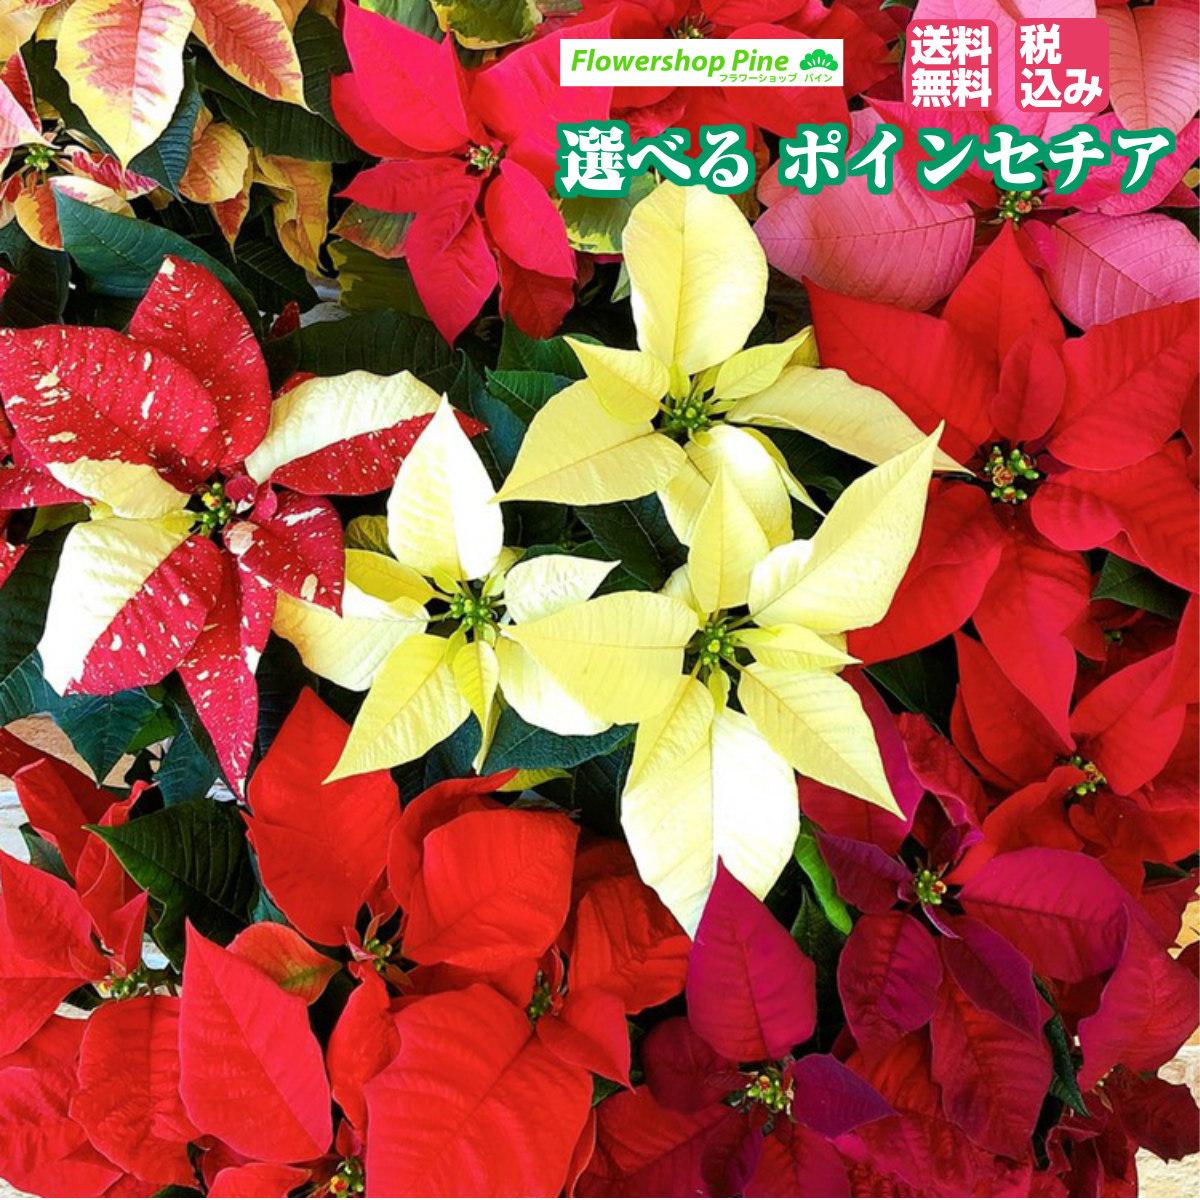 冬の代名詞 ポインセチアクリスマスにはもちろん お歳暮など冬の贈り物として贈ってみてはいかがですか? 選べる4色 ポインセチア プリンセチア 早割 予約 2021 予約販売 予約商品 宅配 花 鉢 ギフト プレゼント 生花 本日の目玉 クリスマス花 クリスマス花ポインセチア 鉢植え 贈る クリスマスフラワー 送料無料 室内 無料 お歳暮 を 送料 クリスマス 業界No.1 冬 鉢物